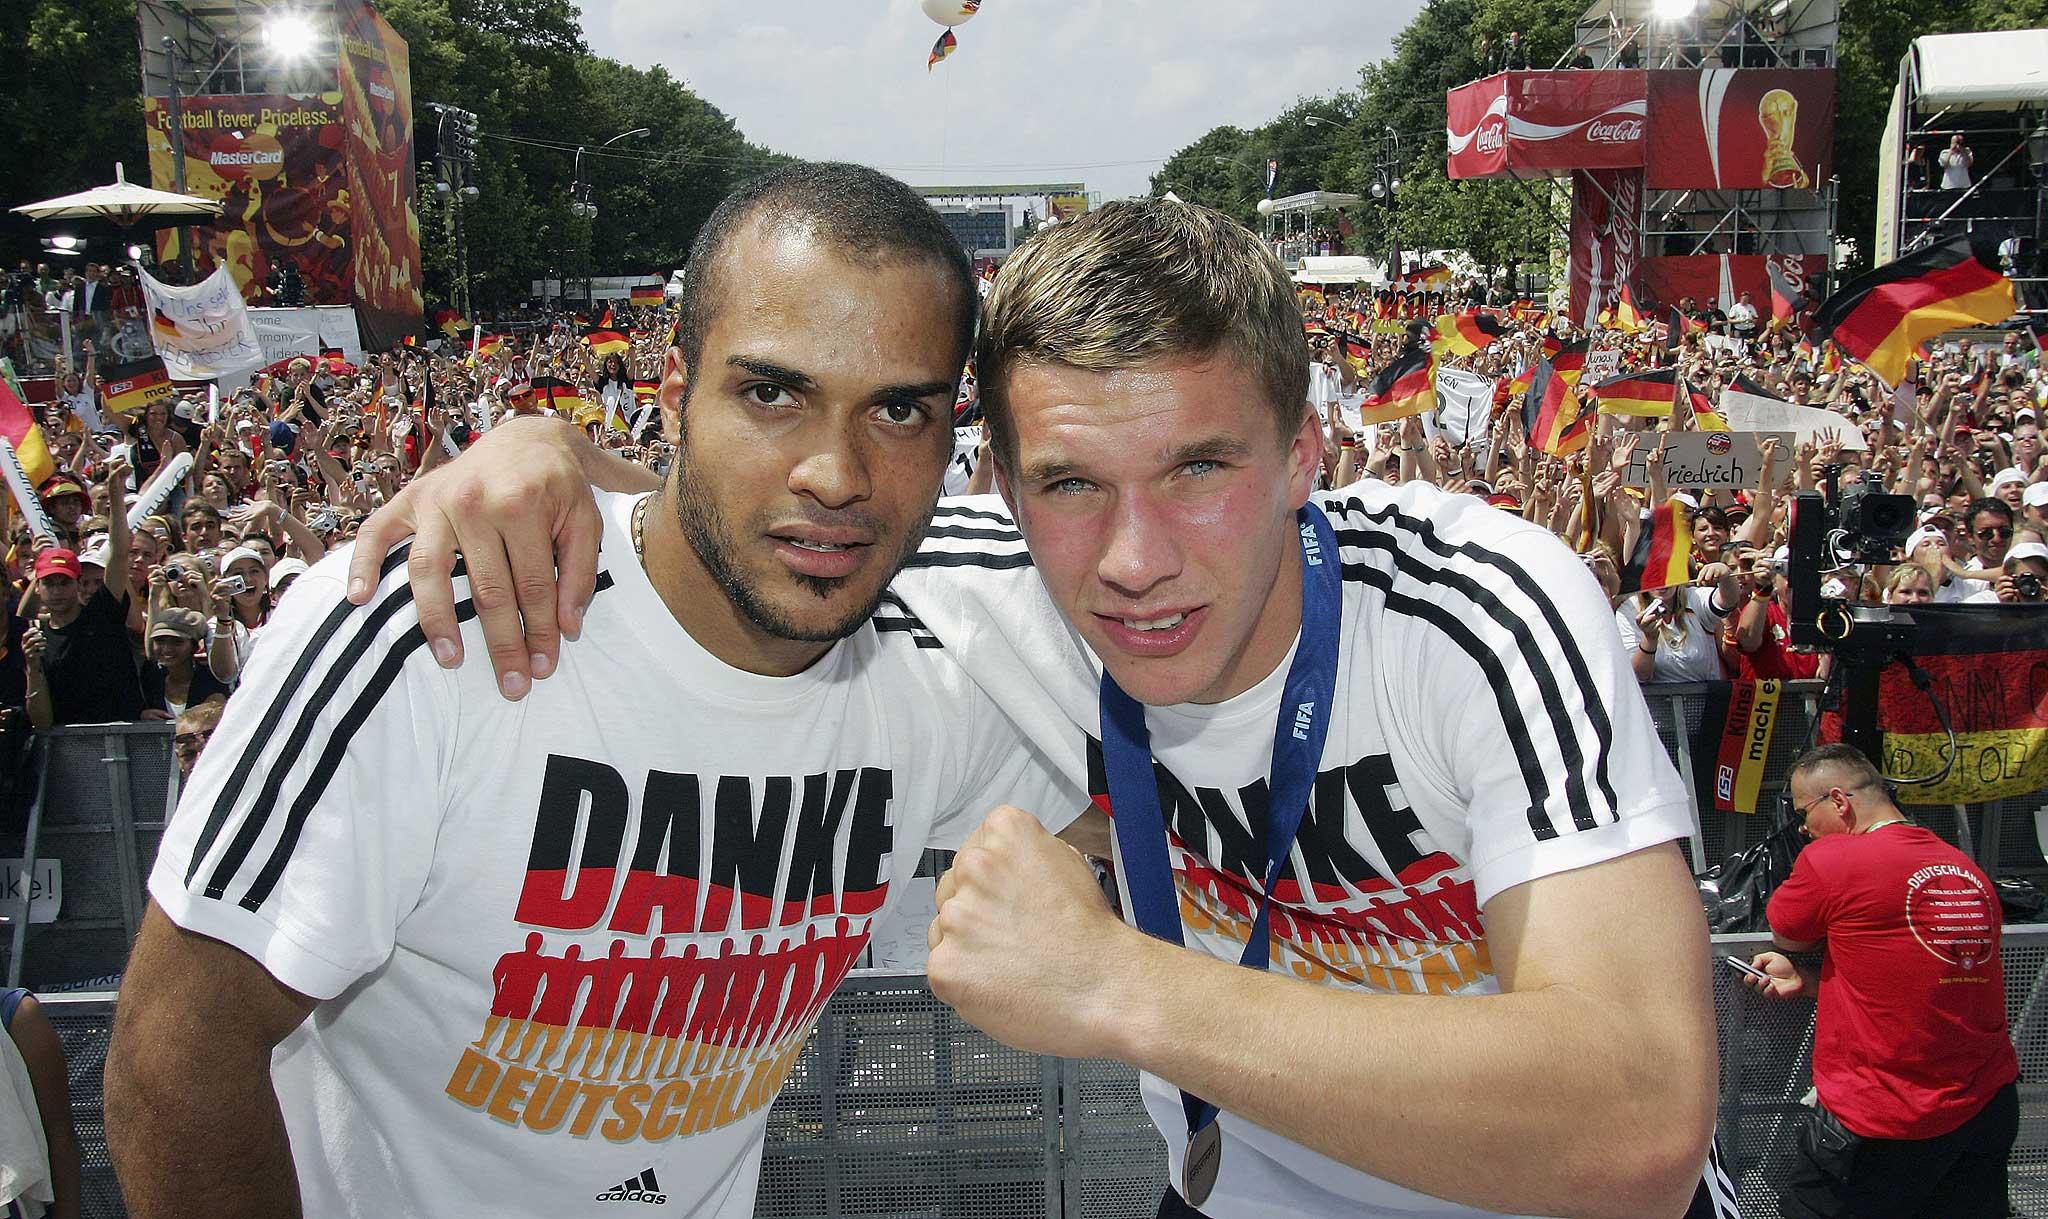 """Die Fußballweltmeisterschaft 2006 gilt als """"Deutsches Sommermärchen"""", hier Lukas Podolski und David Odonkor auf der Fanmeile in Berlin."""